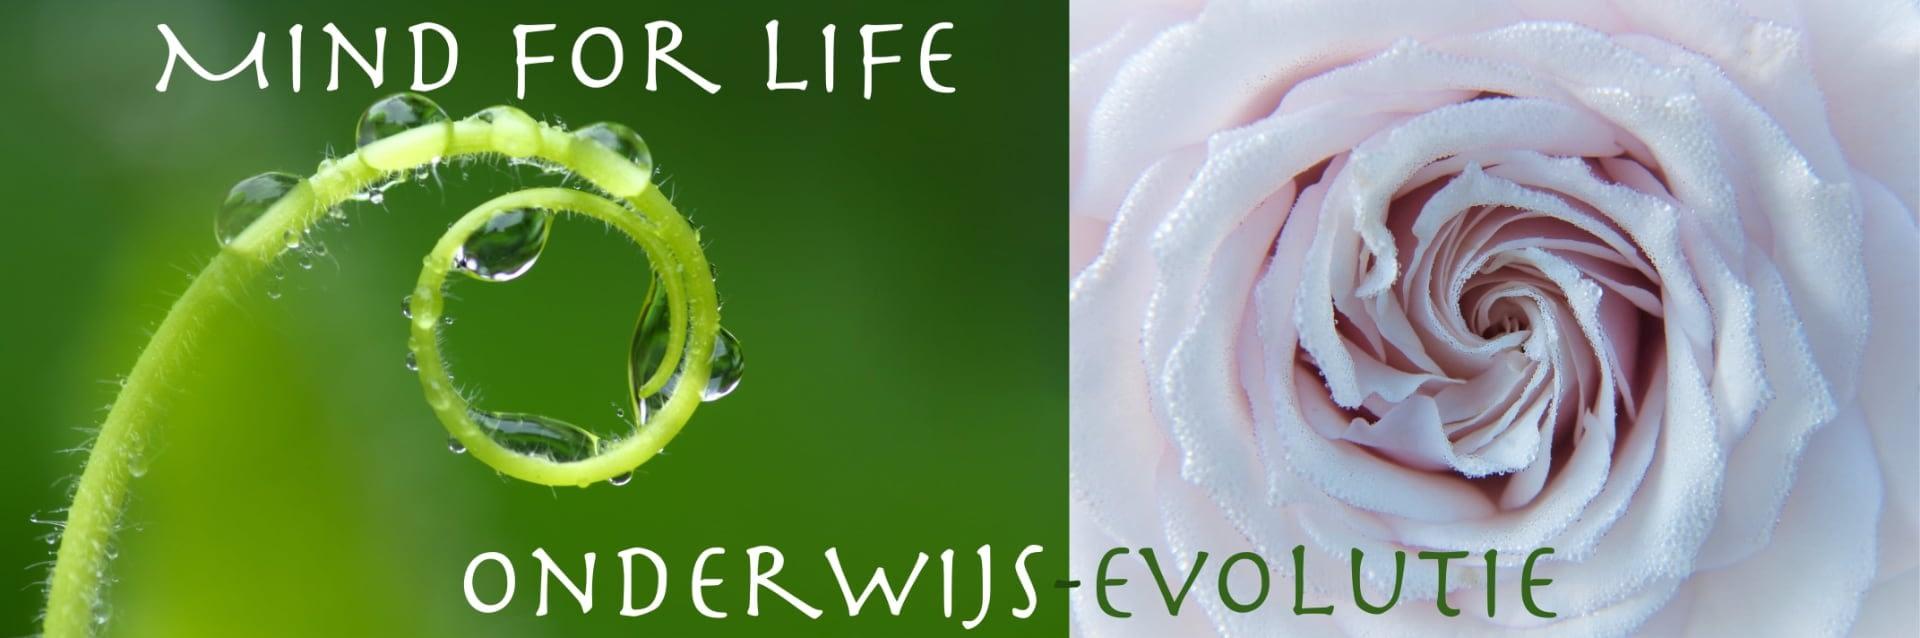 banner onderwijs vernieuwing mind for life